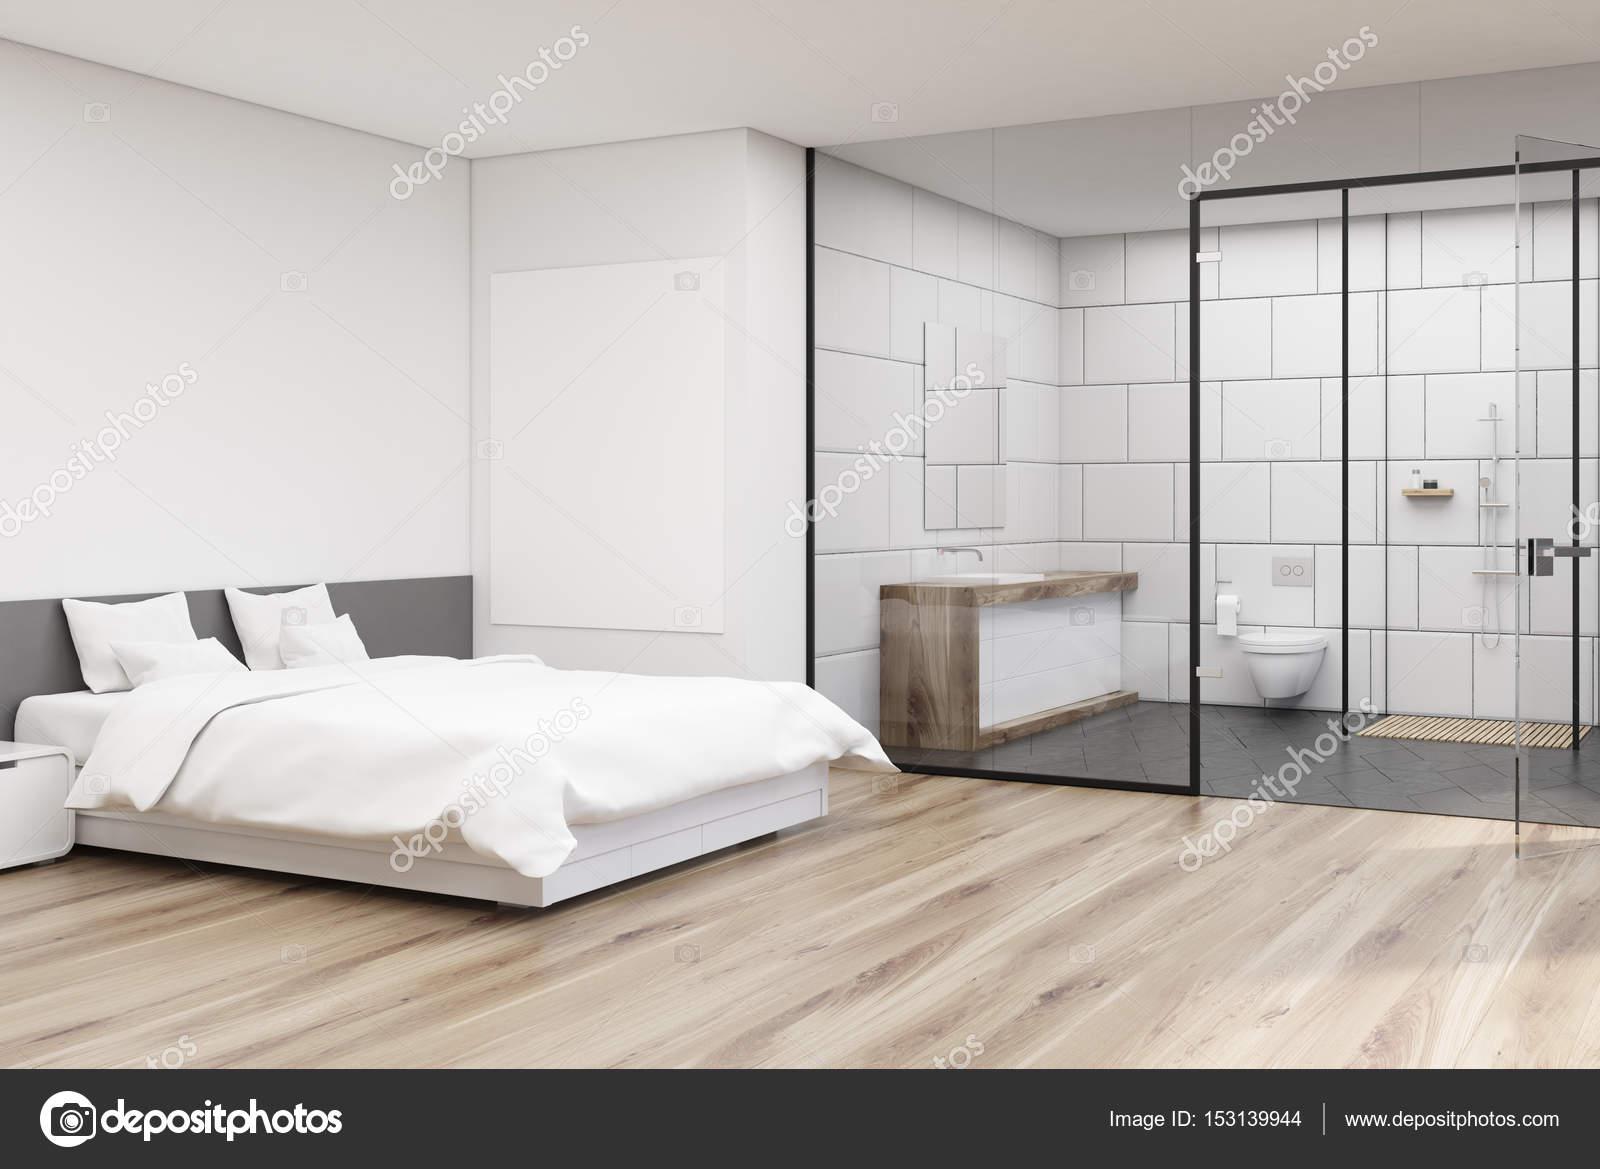 Bagno In Camera Con Vetro : Camera da letto con bagno bianco angolo u foto stock